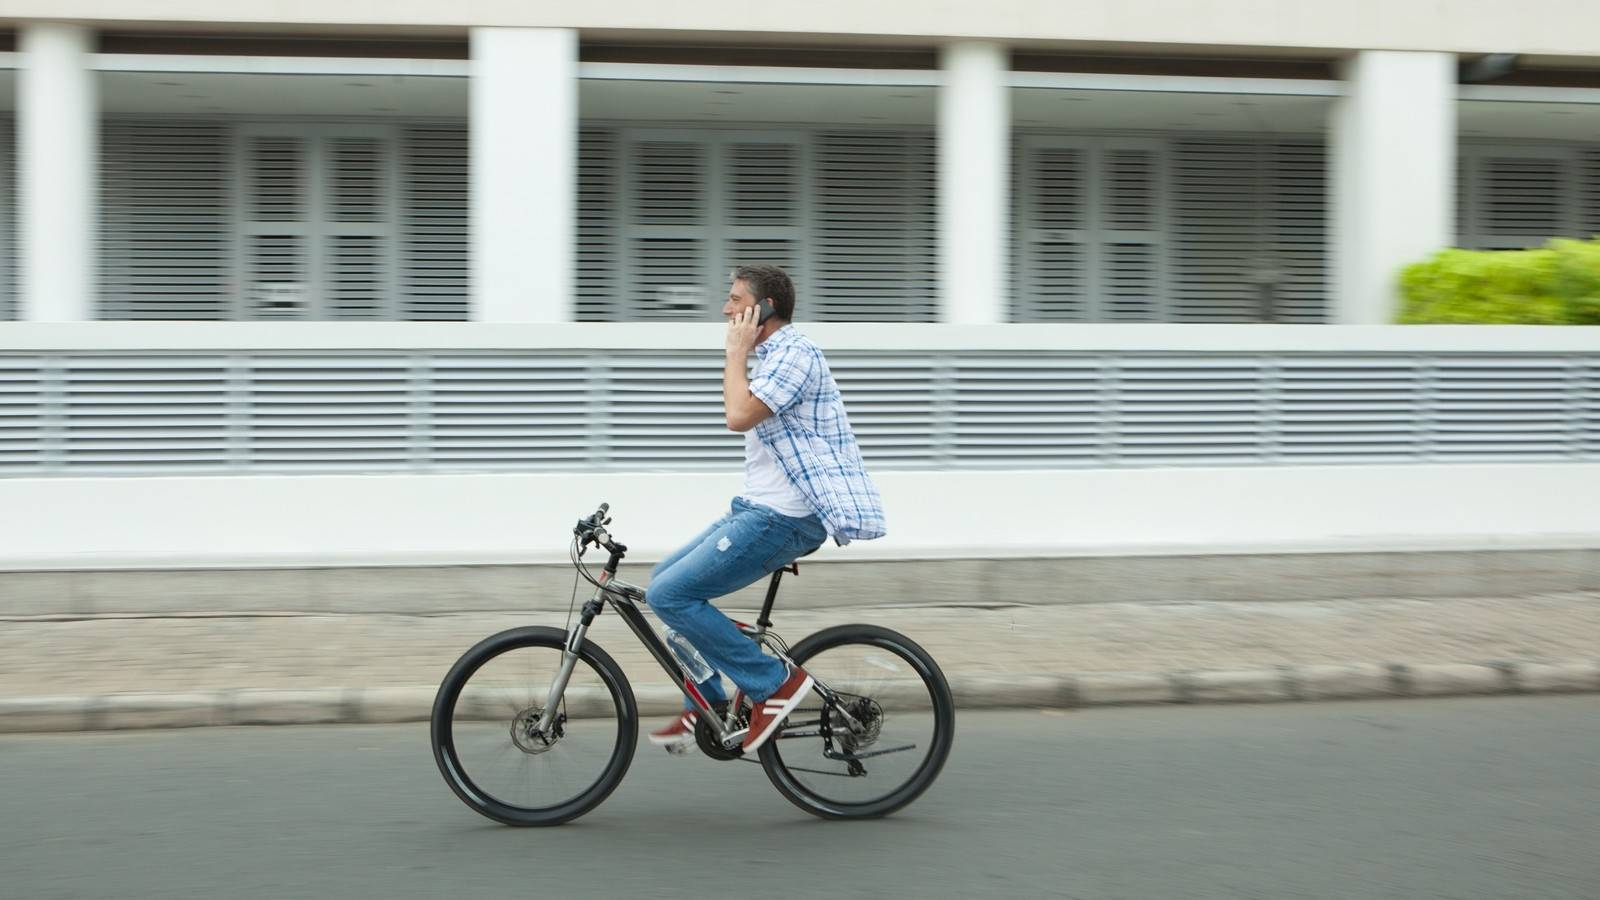 Как должен ехать велосипедист по проезжей части